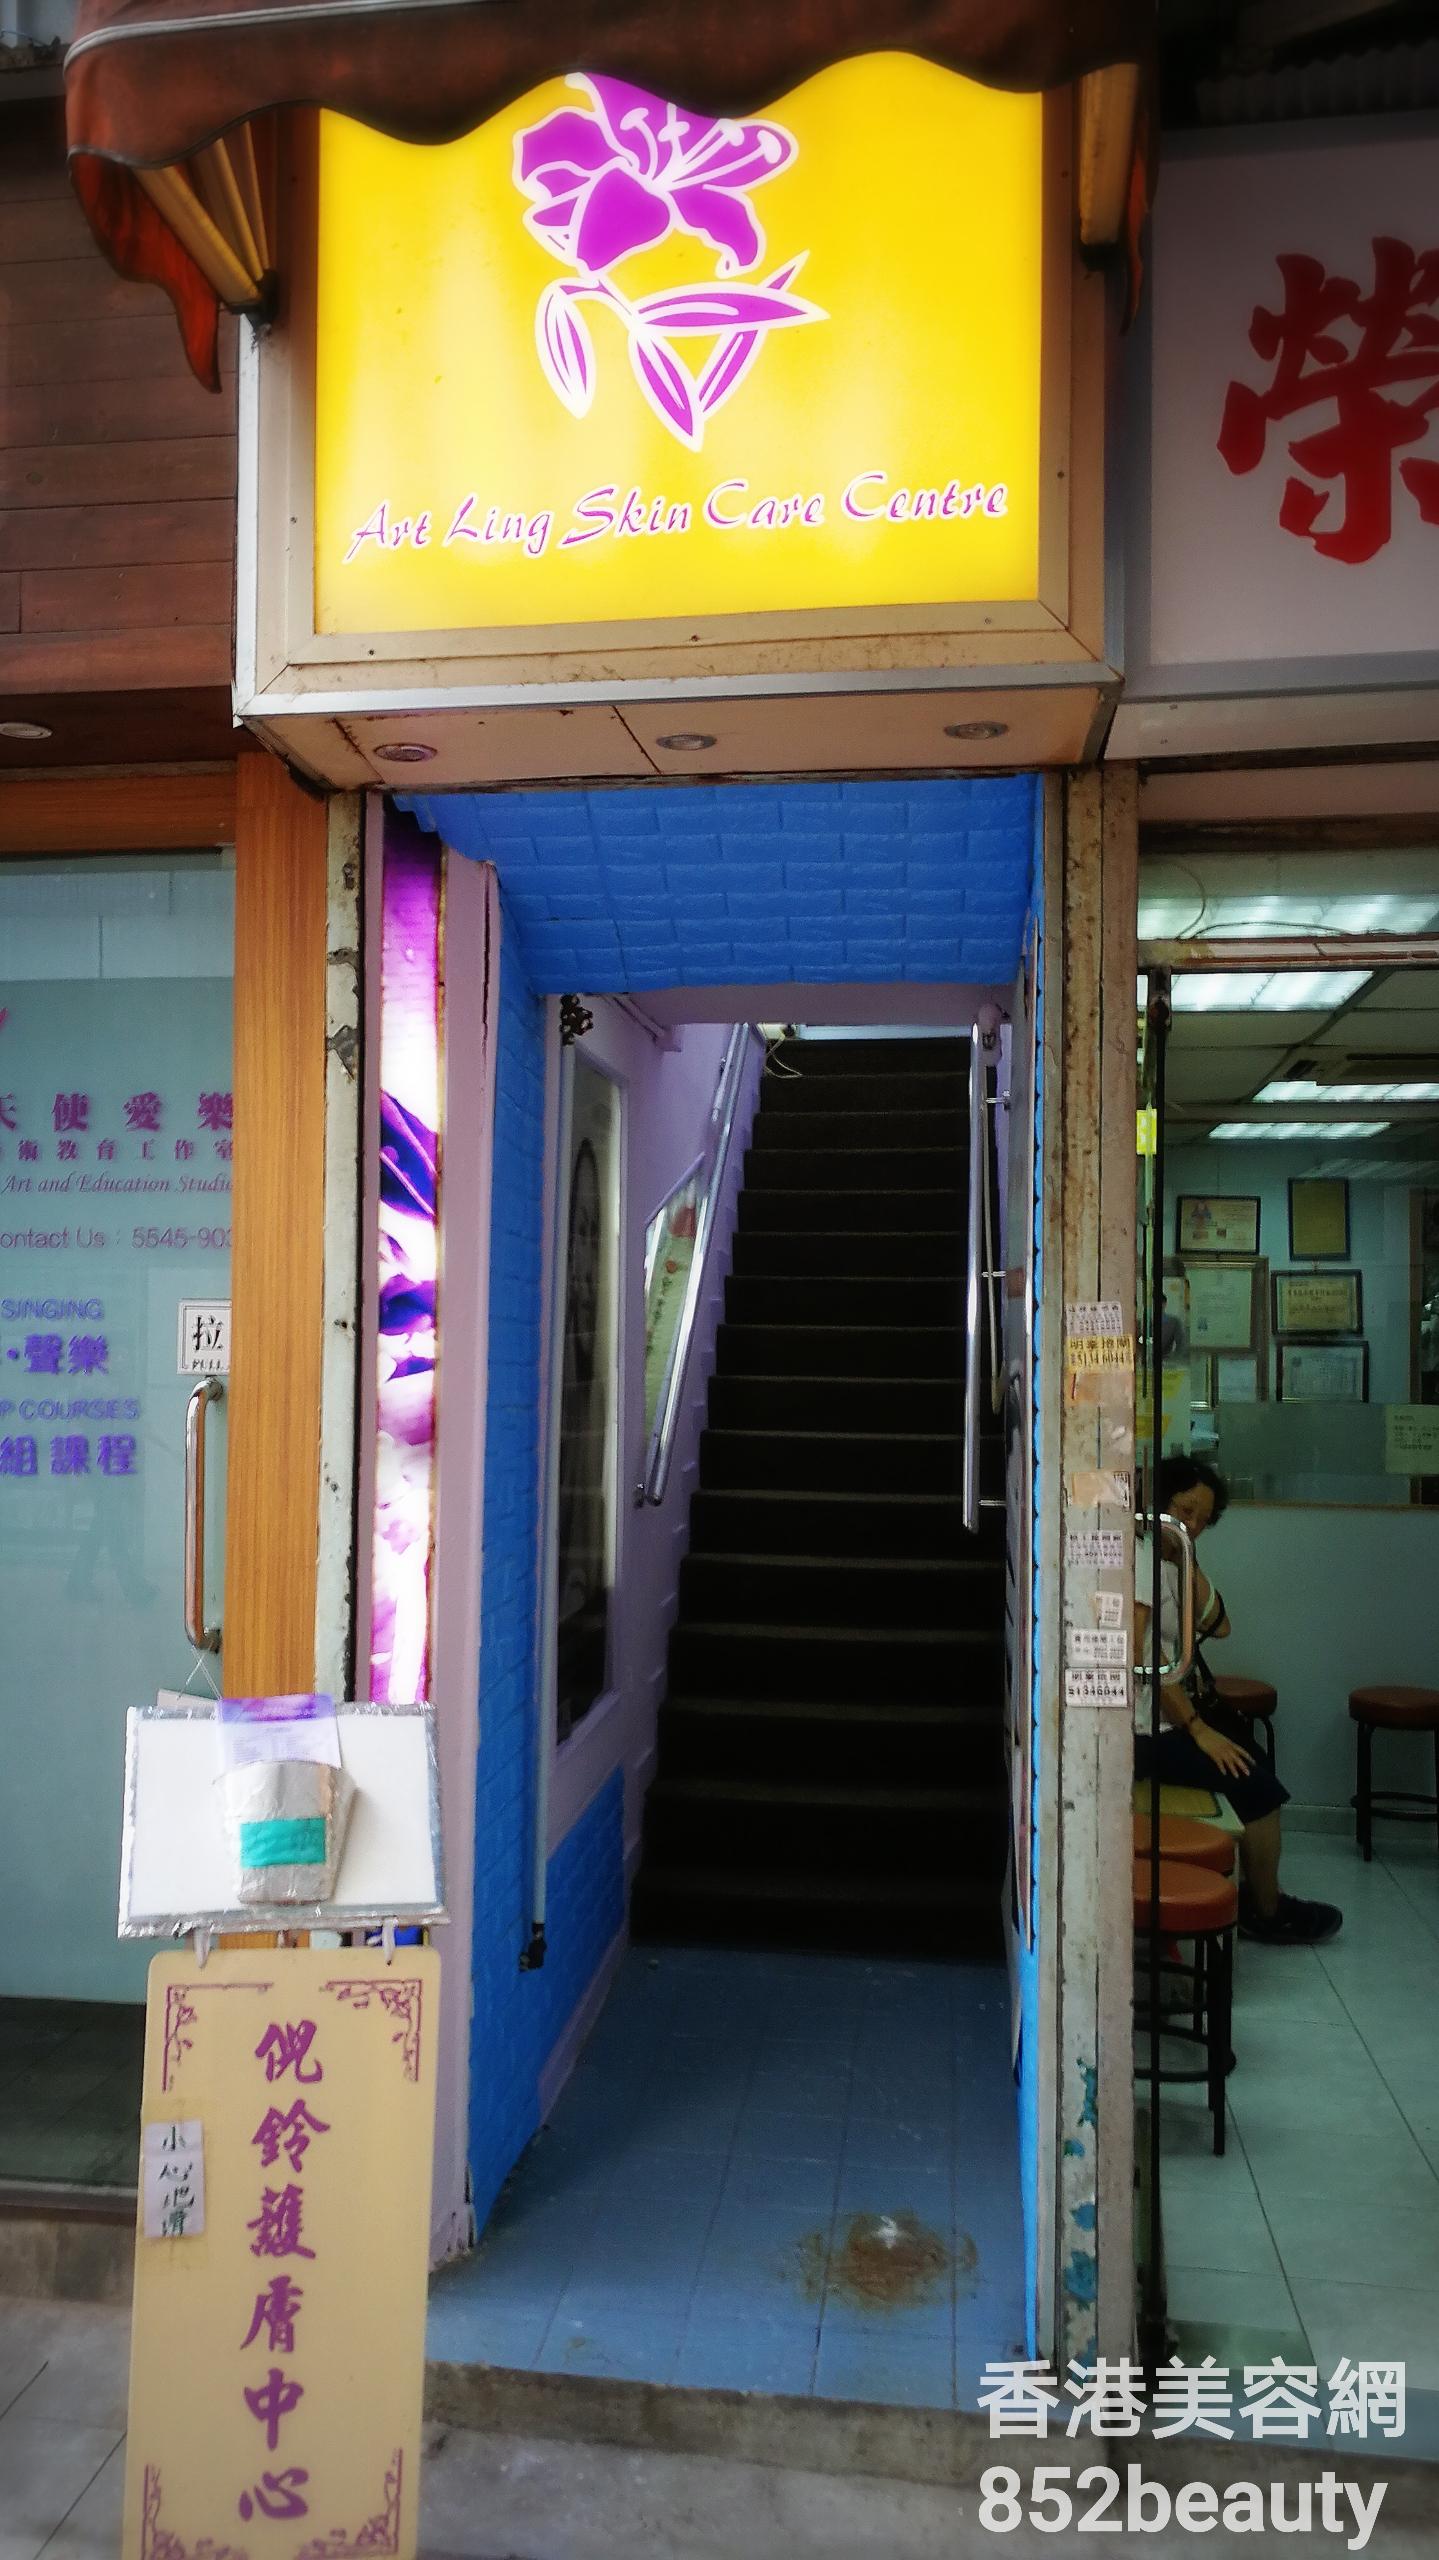 香港美容院 美容師 : 倪鈴護膚中心 @青年創業軍